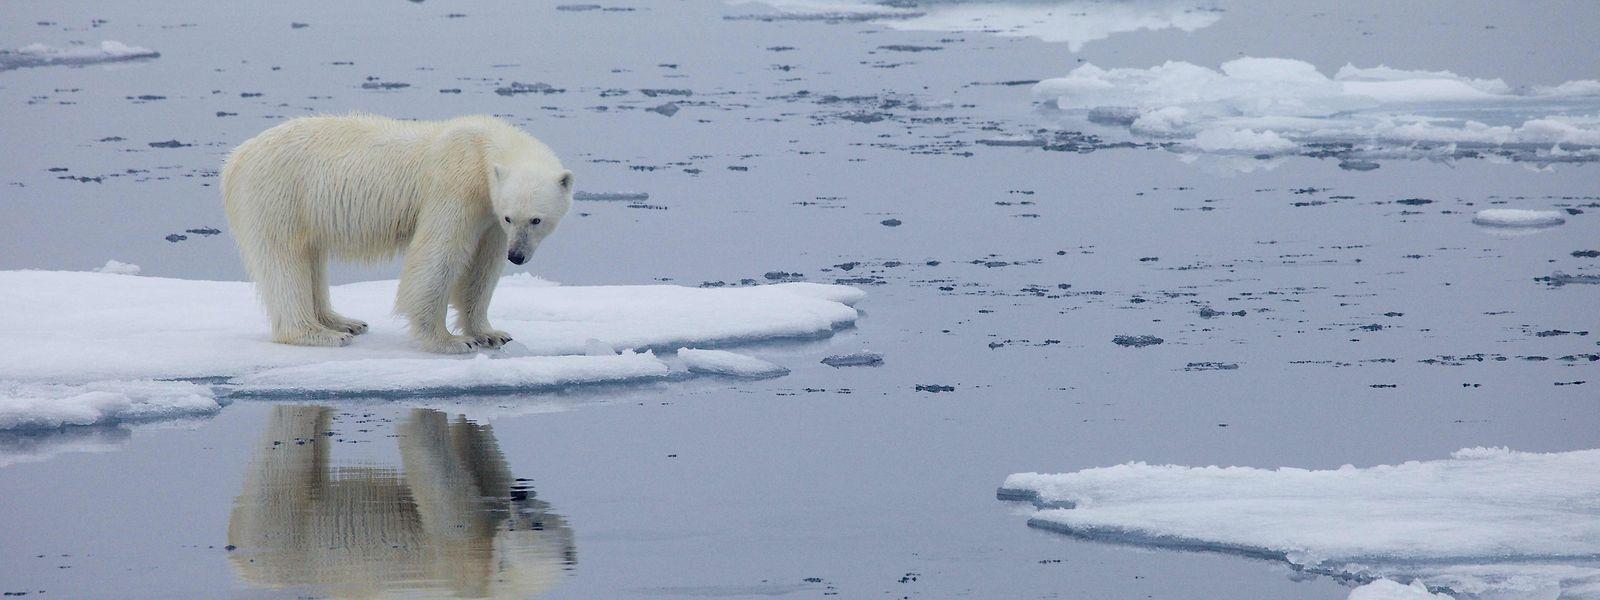 Das Eis wird immer dünner - nicht nur für den Polarbären.